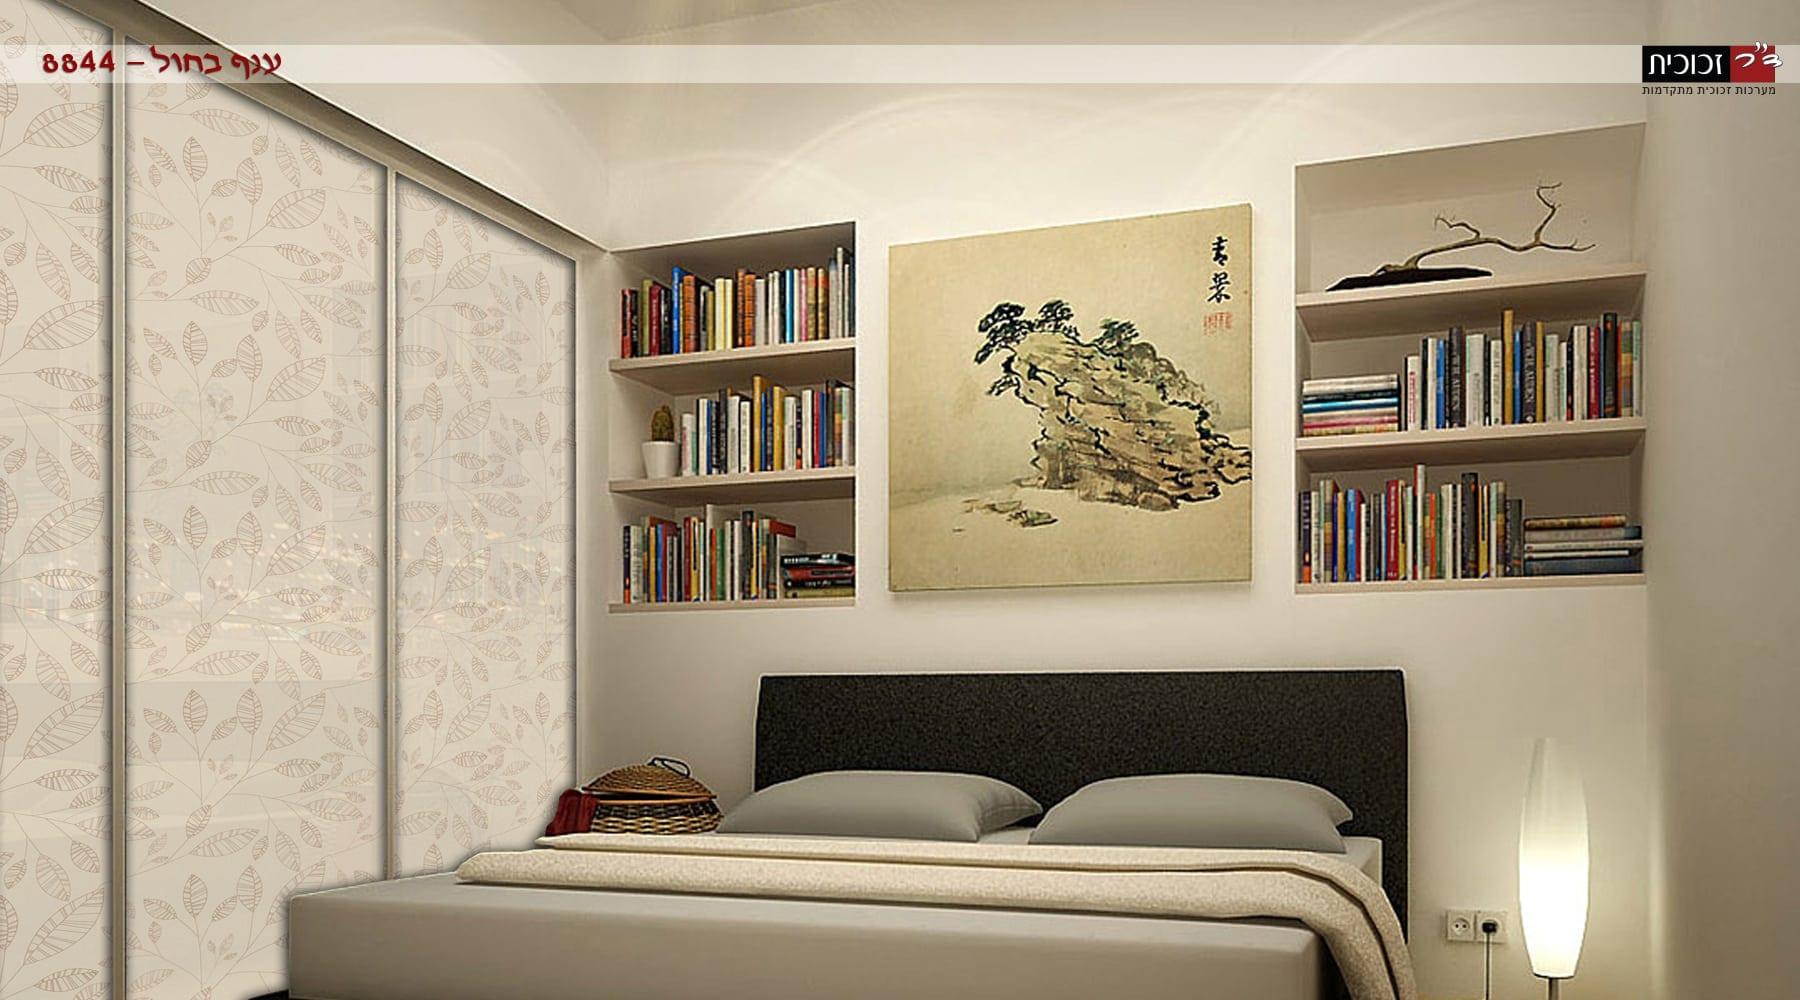 עיצוב חדר השינה בשילוב זכוכיות